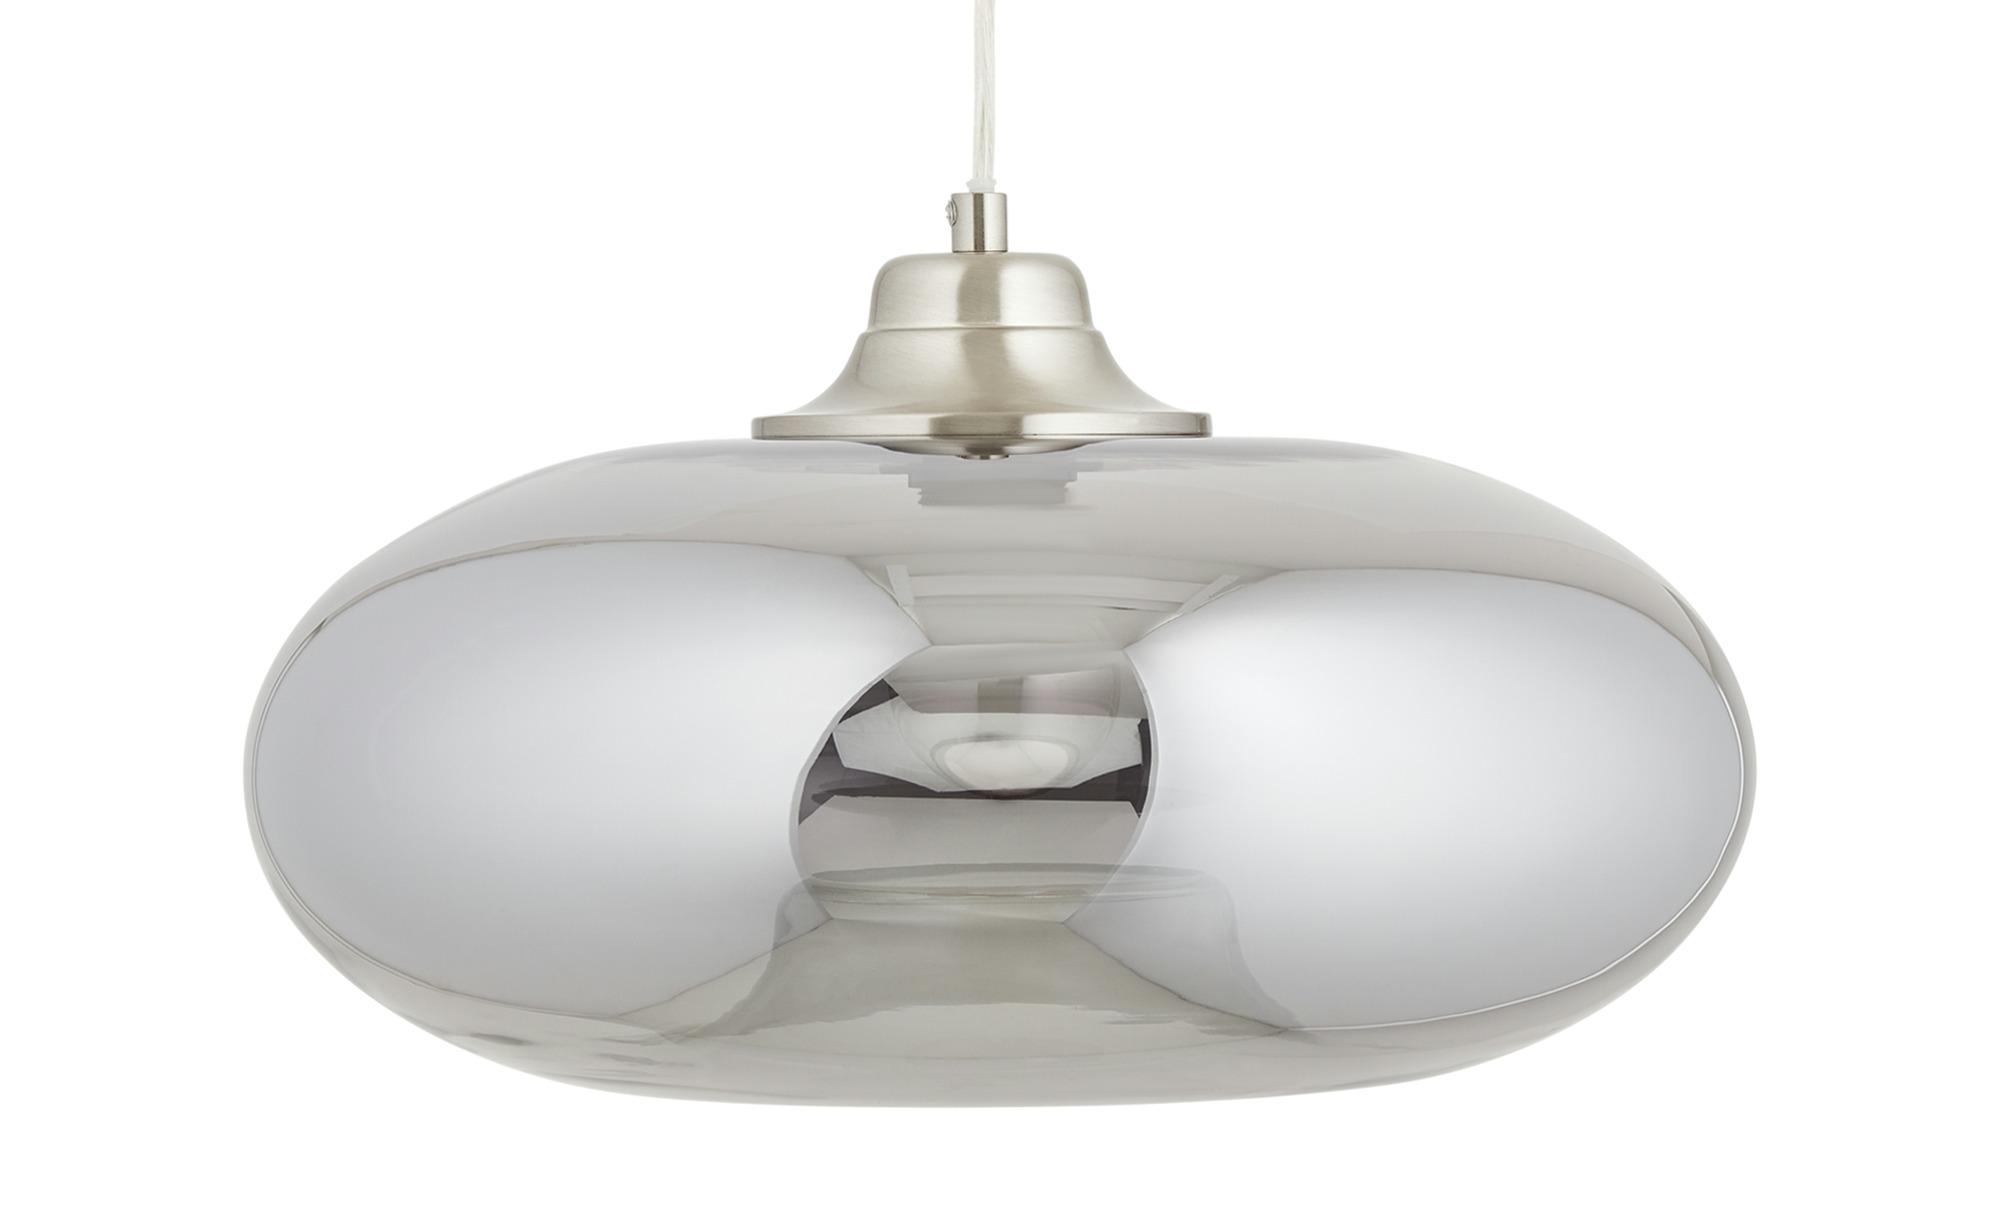 Glaspendelleuchte, 1-flammig ¦ grau ¦ Maße (cm): H: 150 Ø: 40 Lampen & Leuchten > Innenleuchten > Pendelleuchten - Höffner